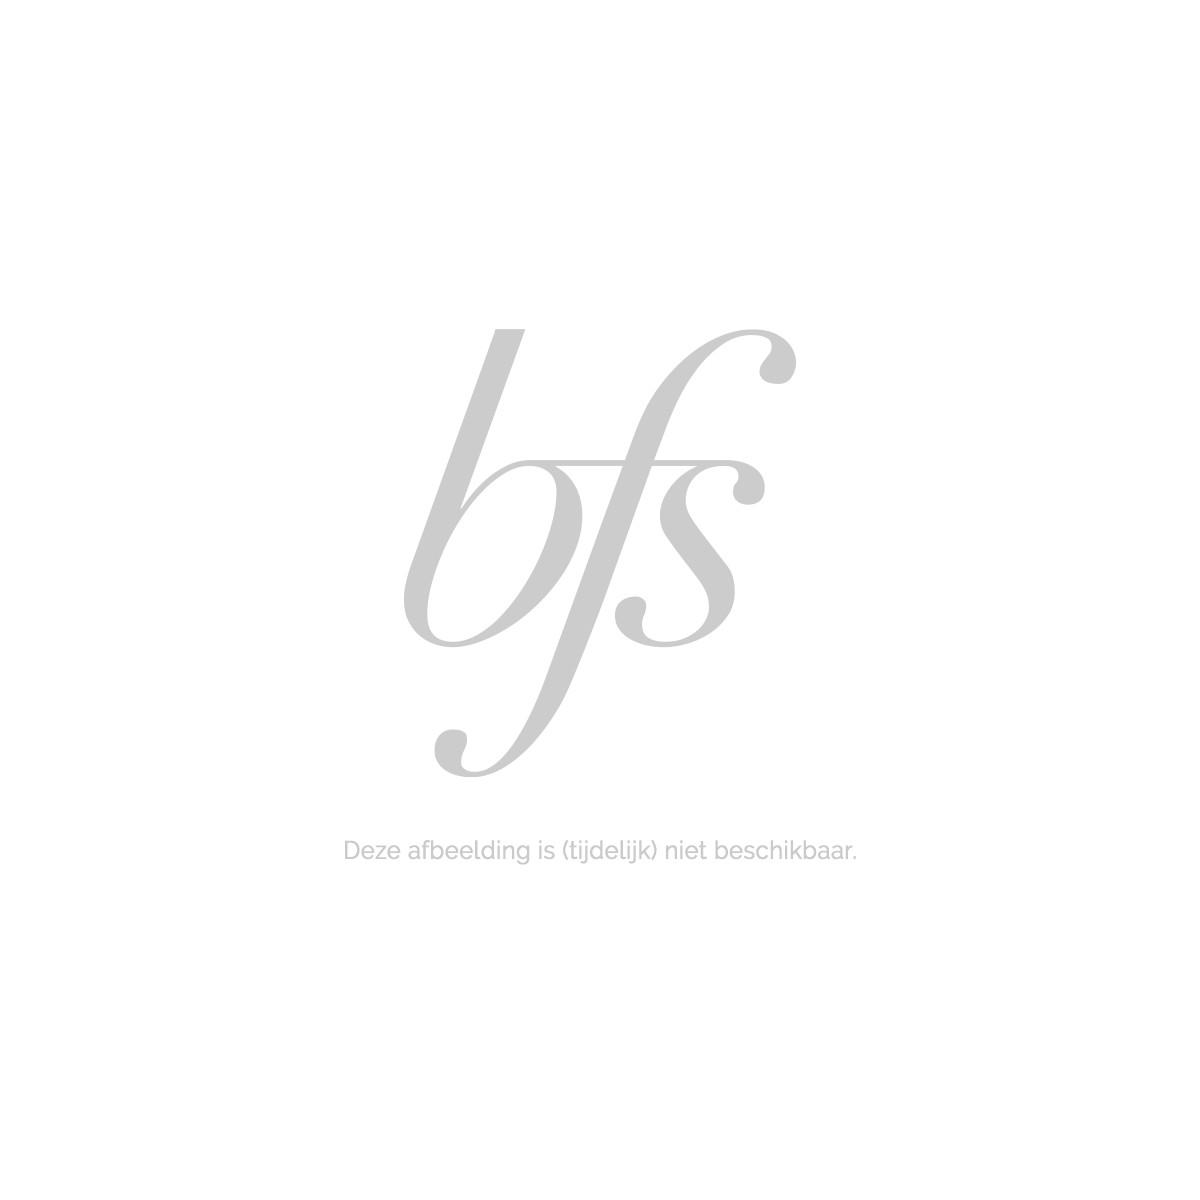 Bvlgari Goldea Eau de Parfum 25 ml